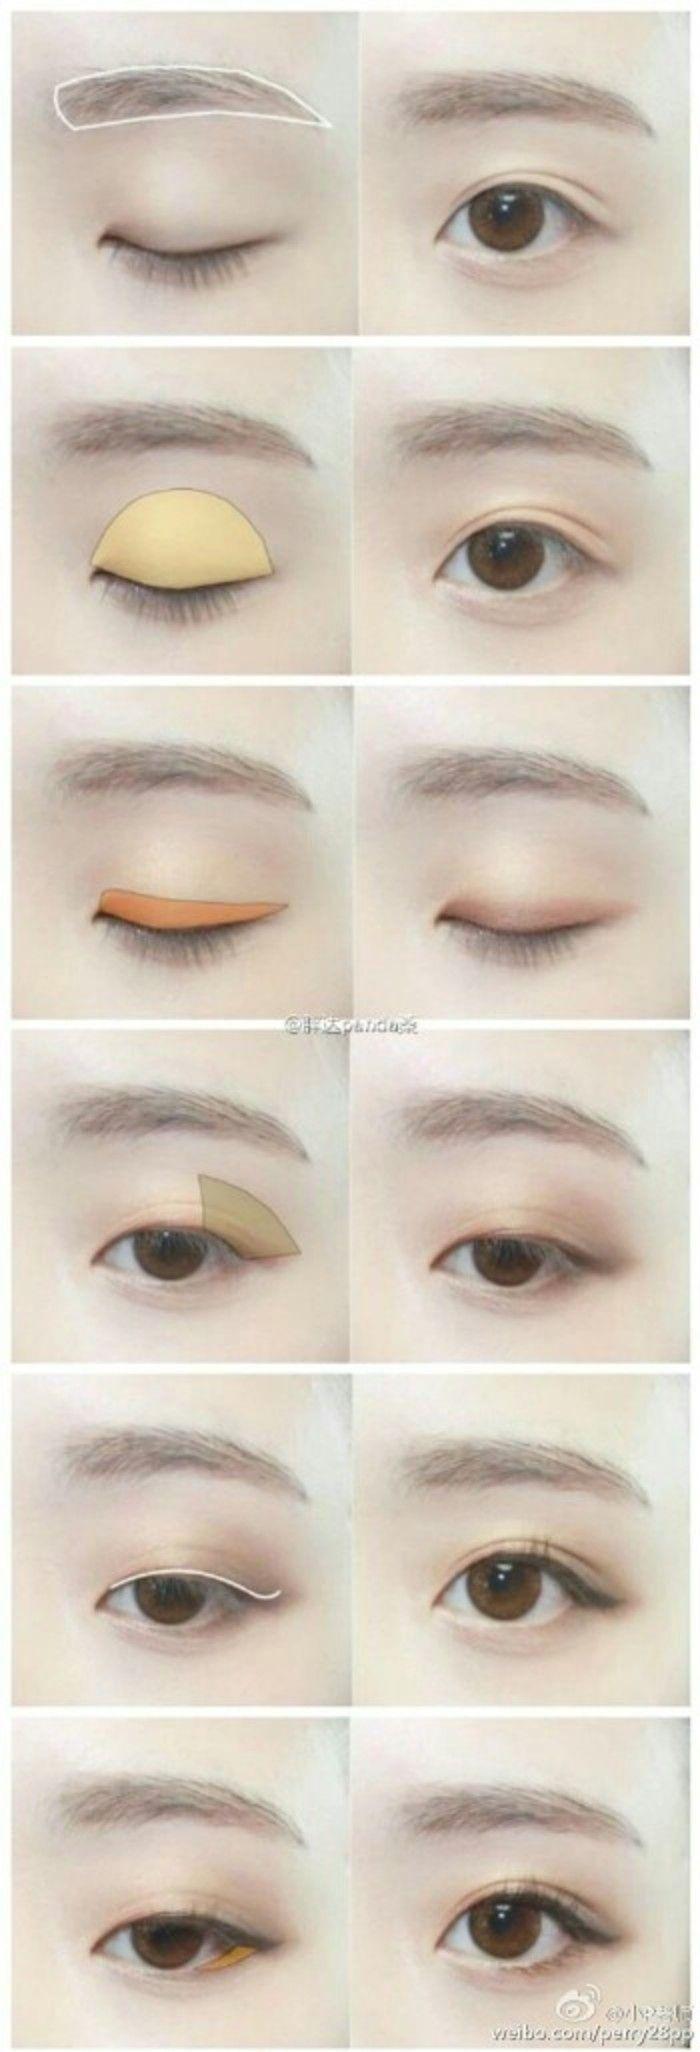 Big eye natural make up #make up #idea